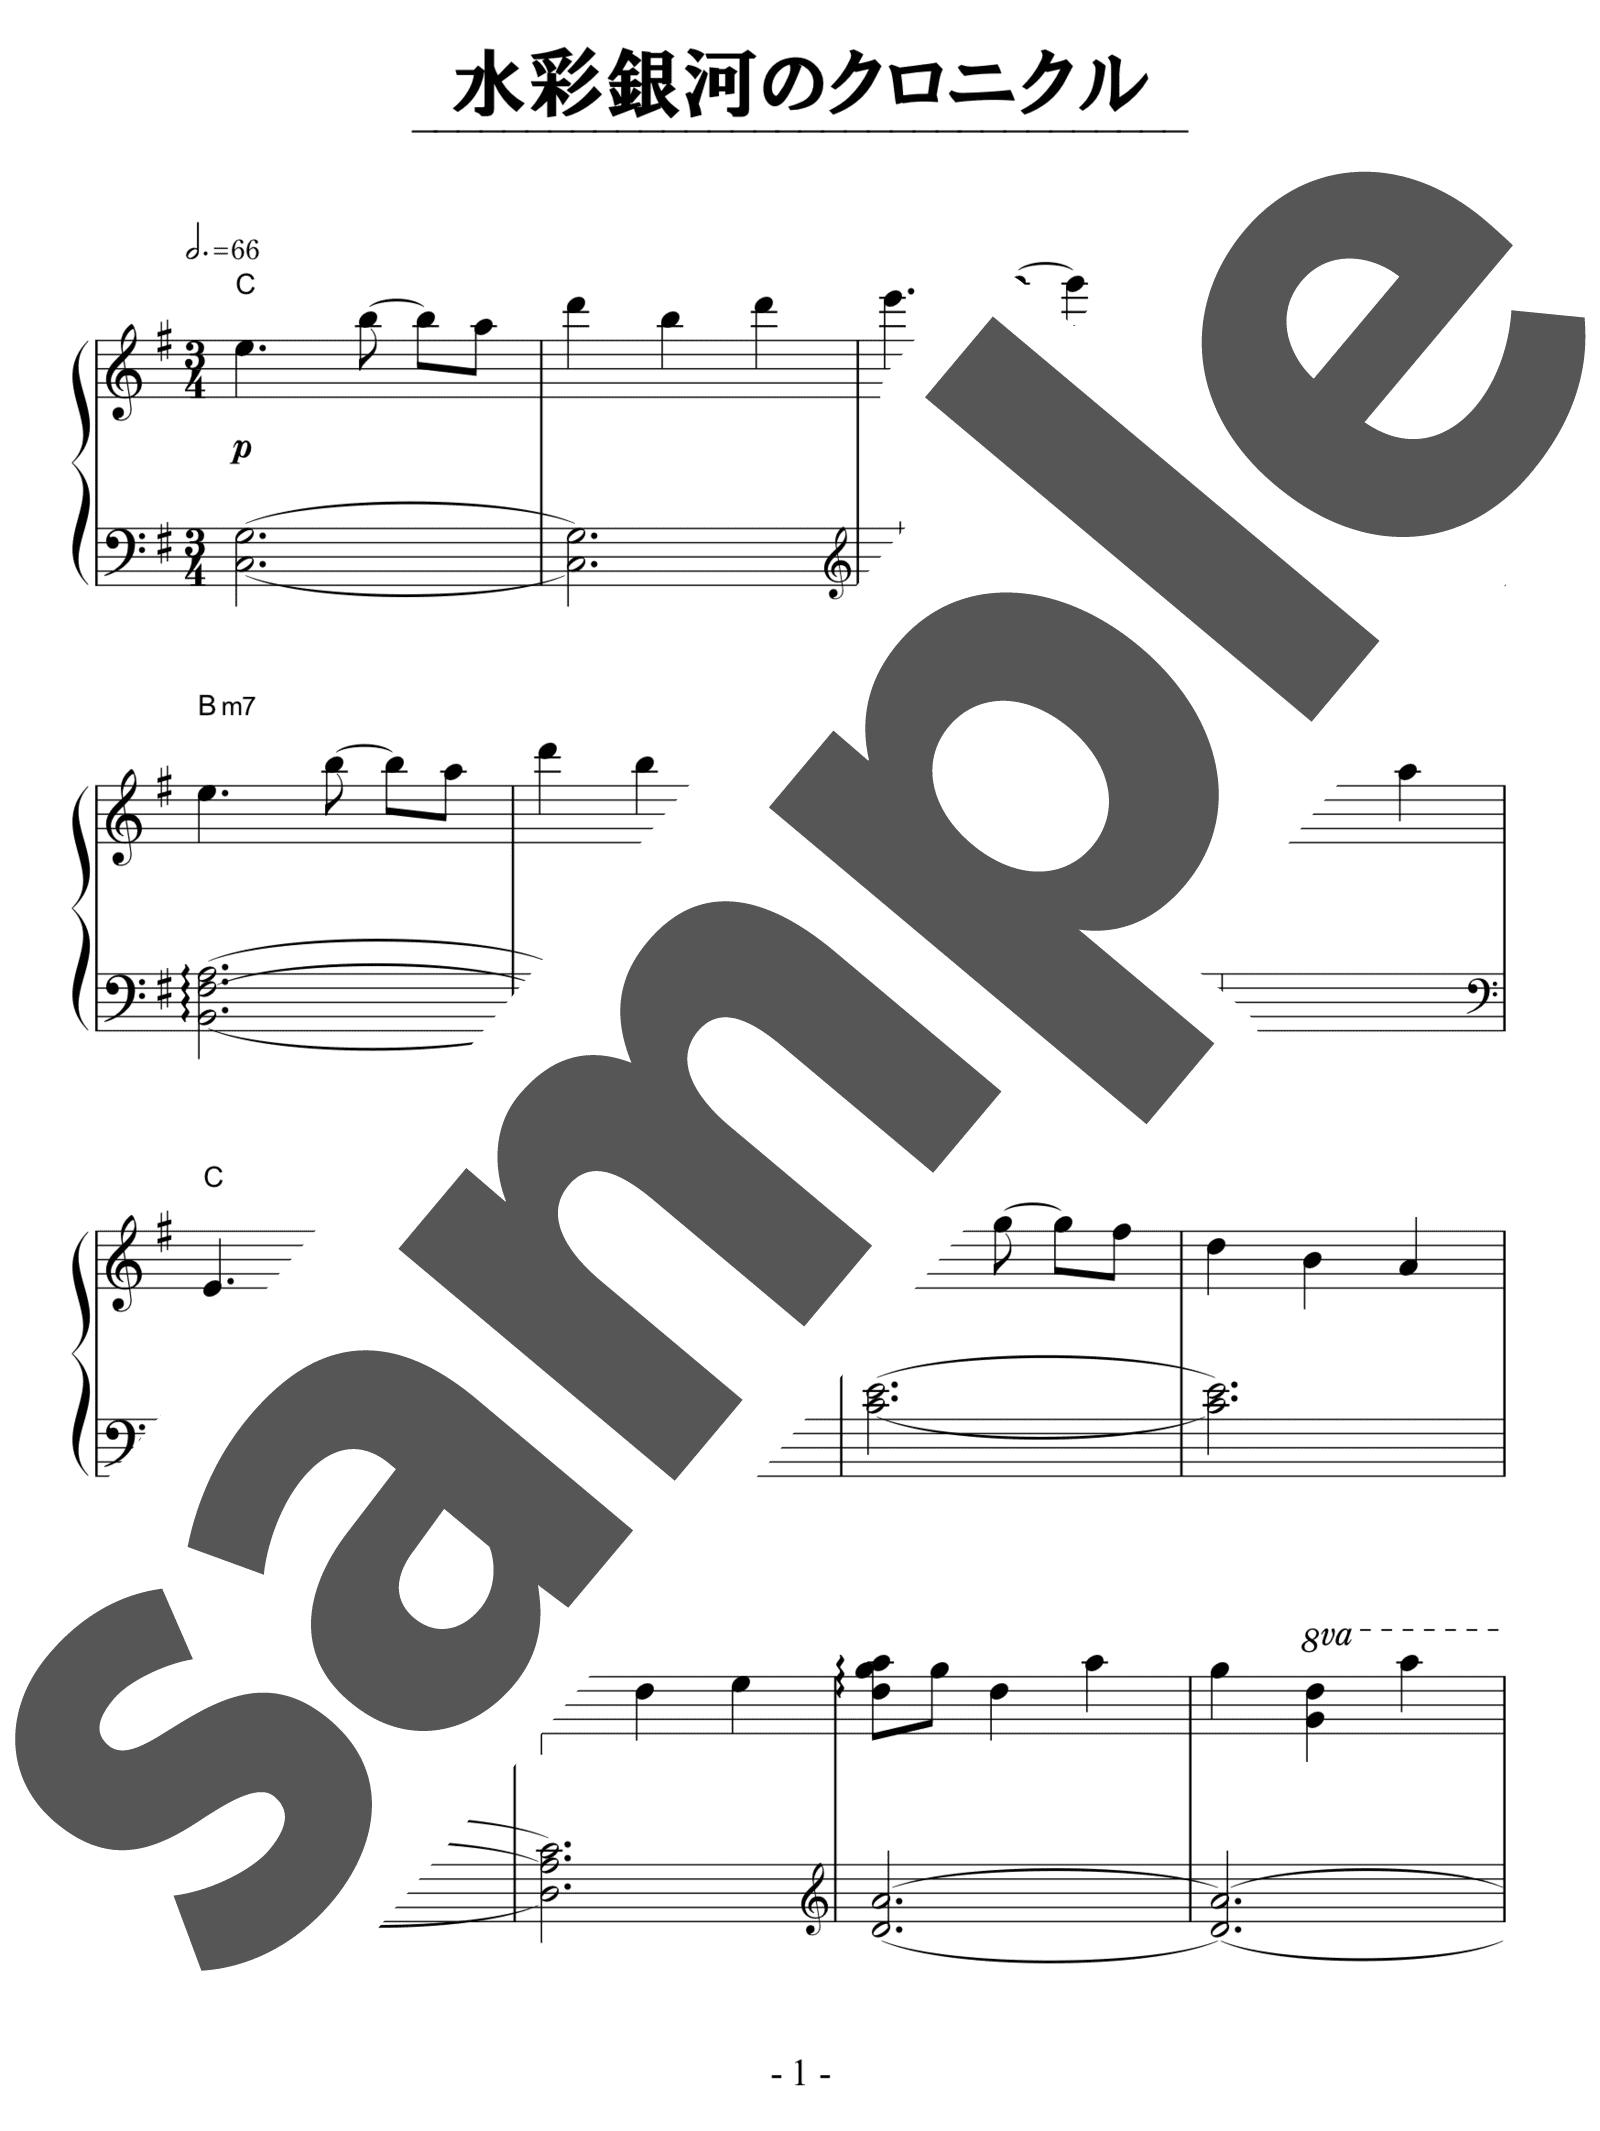 「水彩銀河のクロニクル」のサンプル楽譜